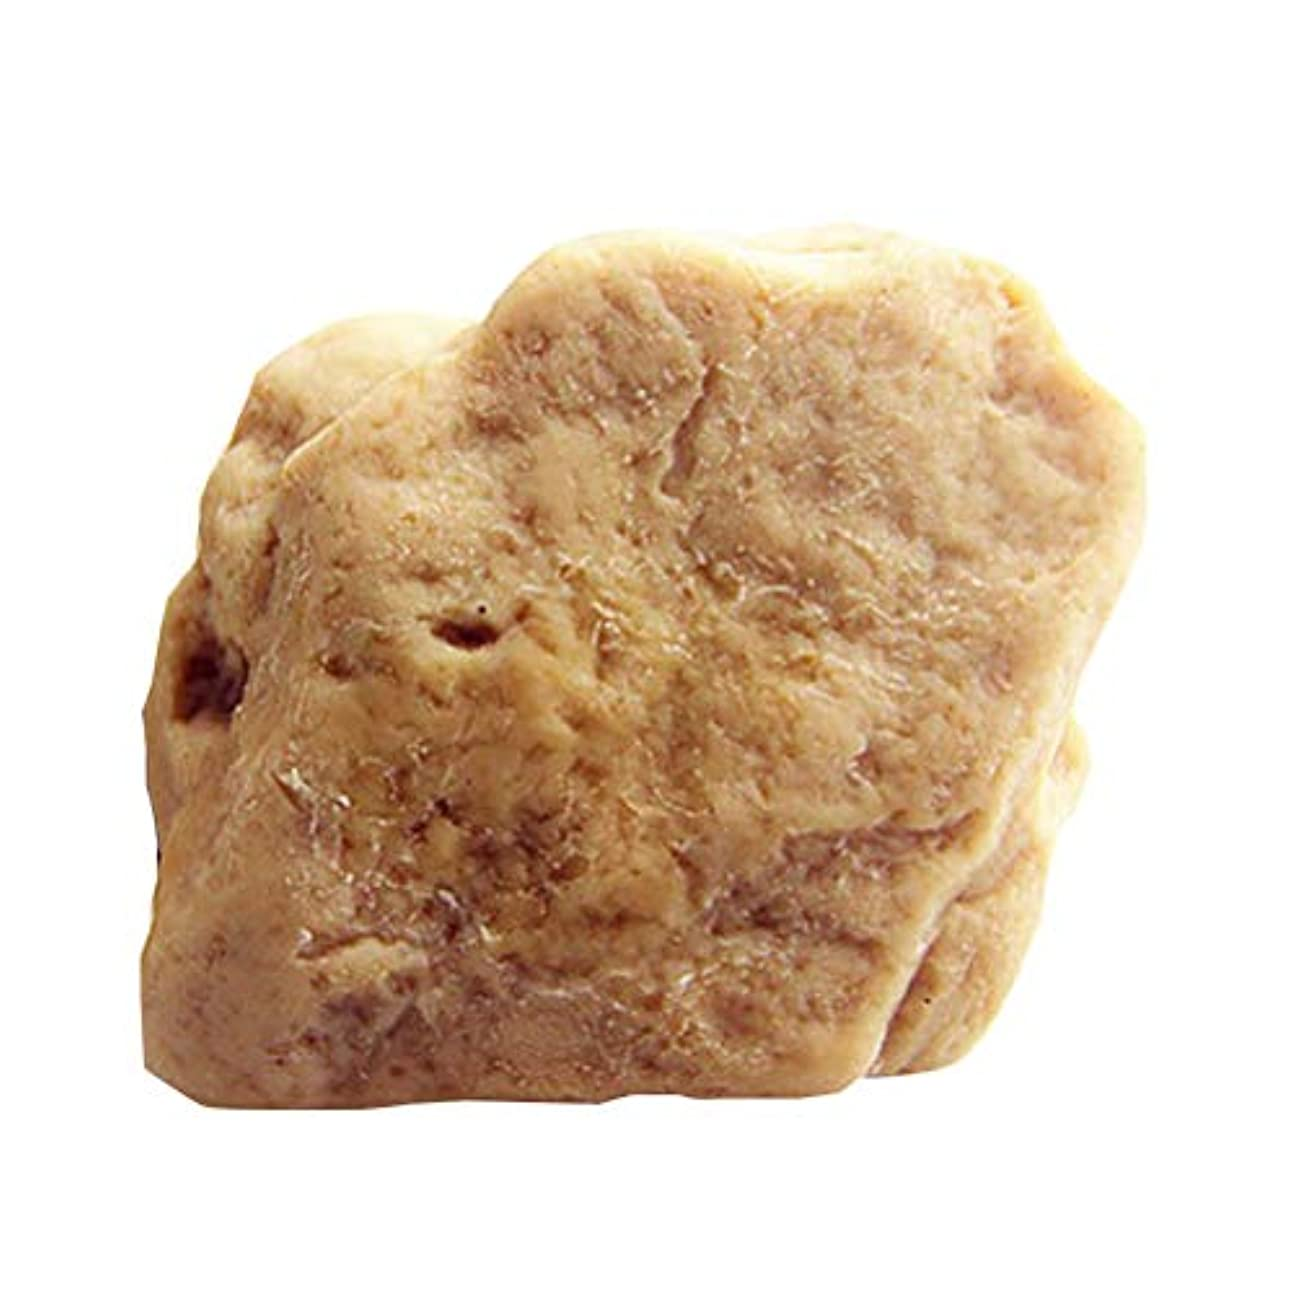 シュートストローク量でCreacom オリーブオイル 石鹸 肌に優しい無添加 毛穴 対策 洗顔石鹸 保湿 固形 毛穴 黒ずみ 肌荒れ くすみ ニキビ 美白 美肌 角質除去 肌荒れ 乾燥肌 オイル肌 混合肌 対策 全身可能